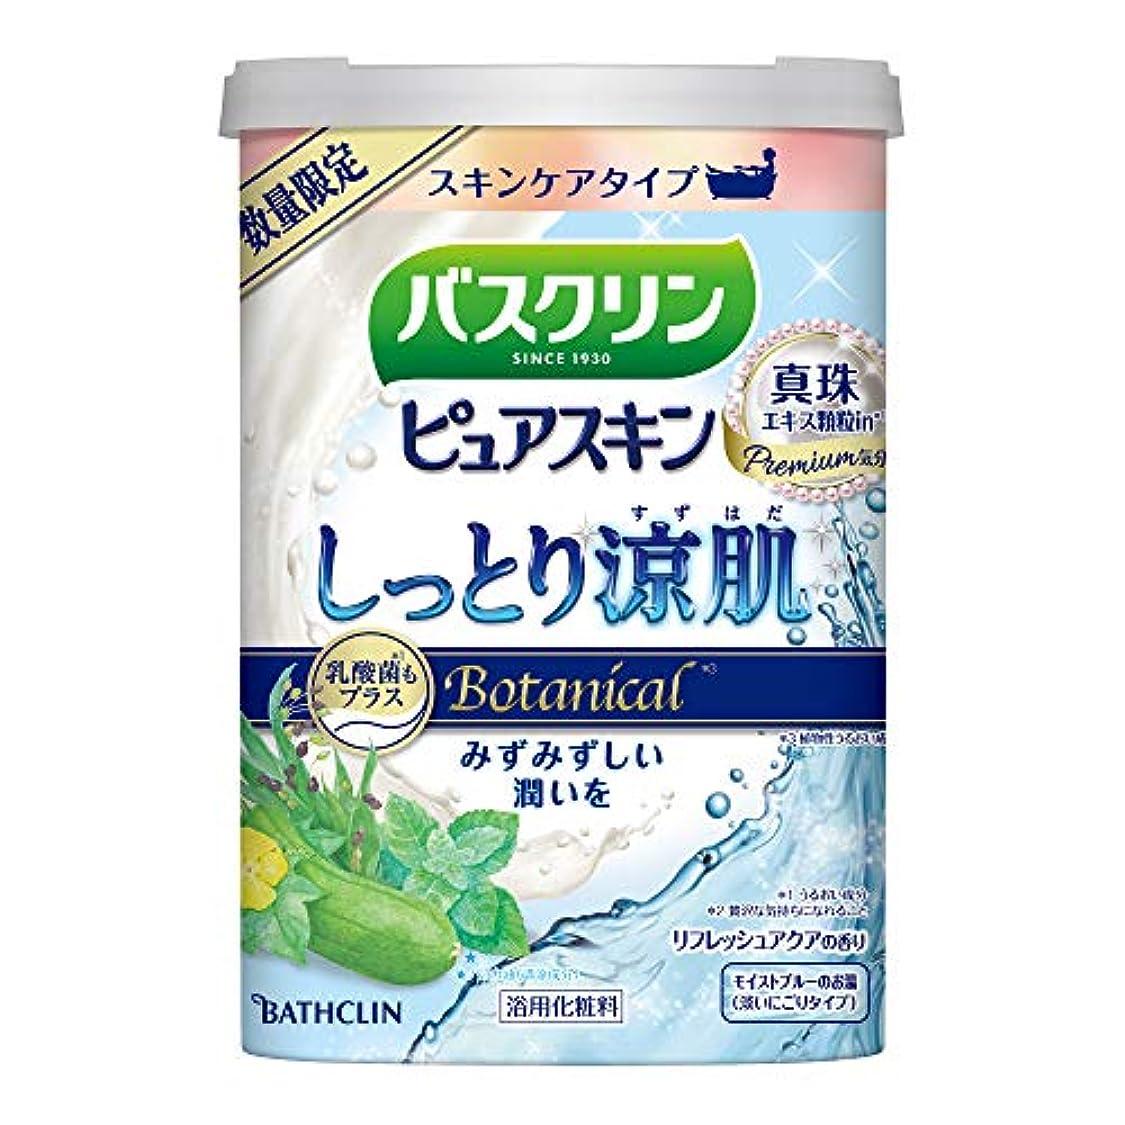 マニアジョージスティーブンソン中【数量限定品】バスクリンピュアスキン入浴剤 しっとり涼肌600g(約30回分) スキンケアにごりタイプ 保湿